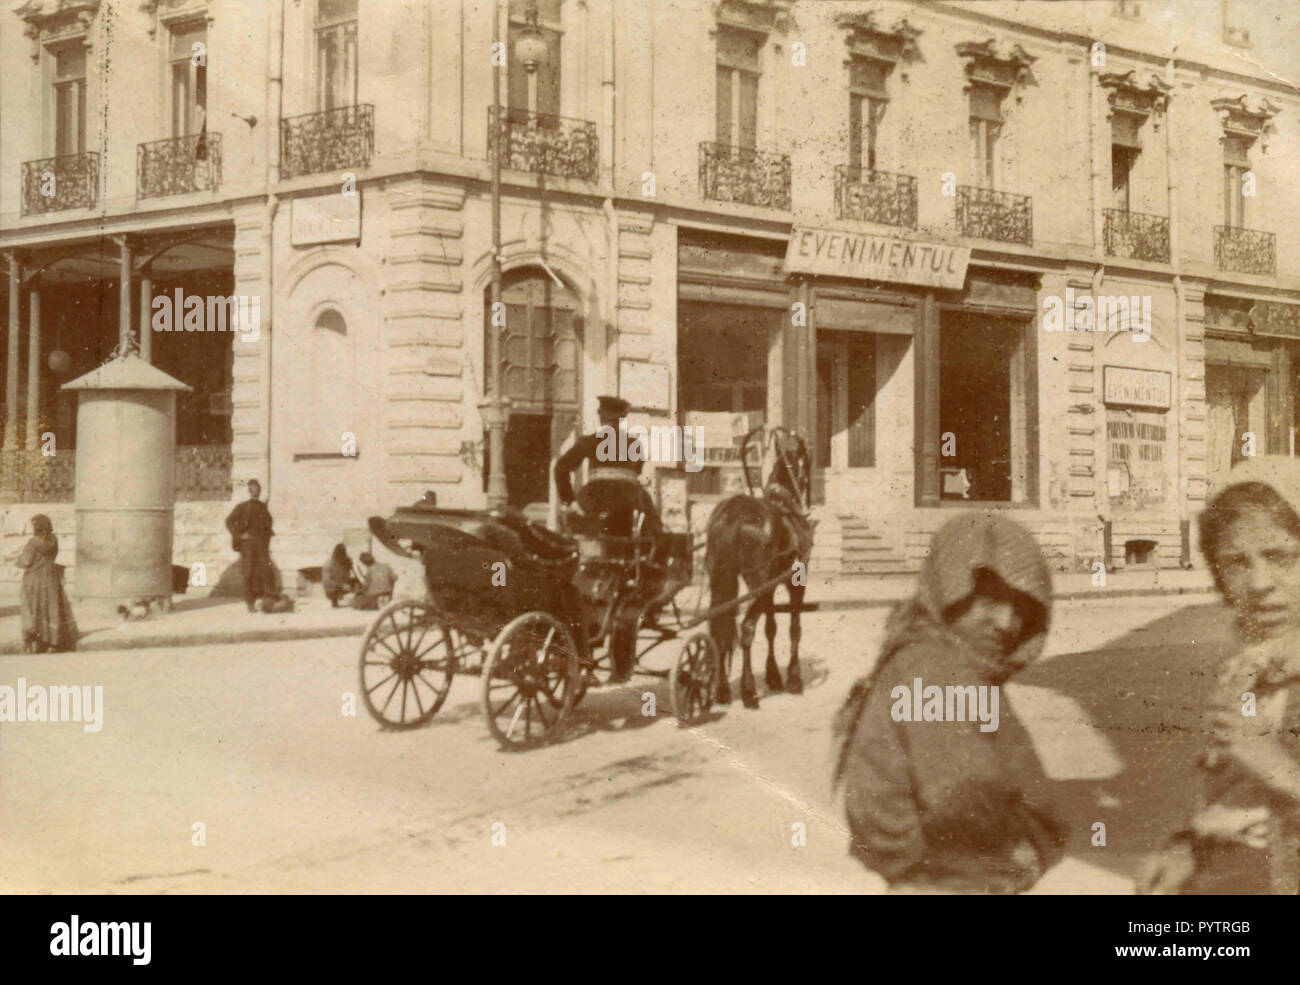 Evenimentul tipografia, città non identificato, Italia 1890 Immagini Stock